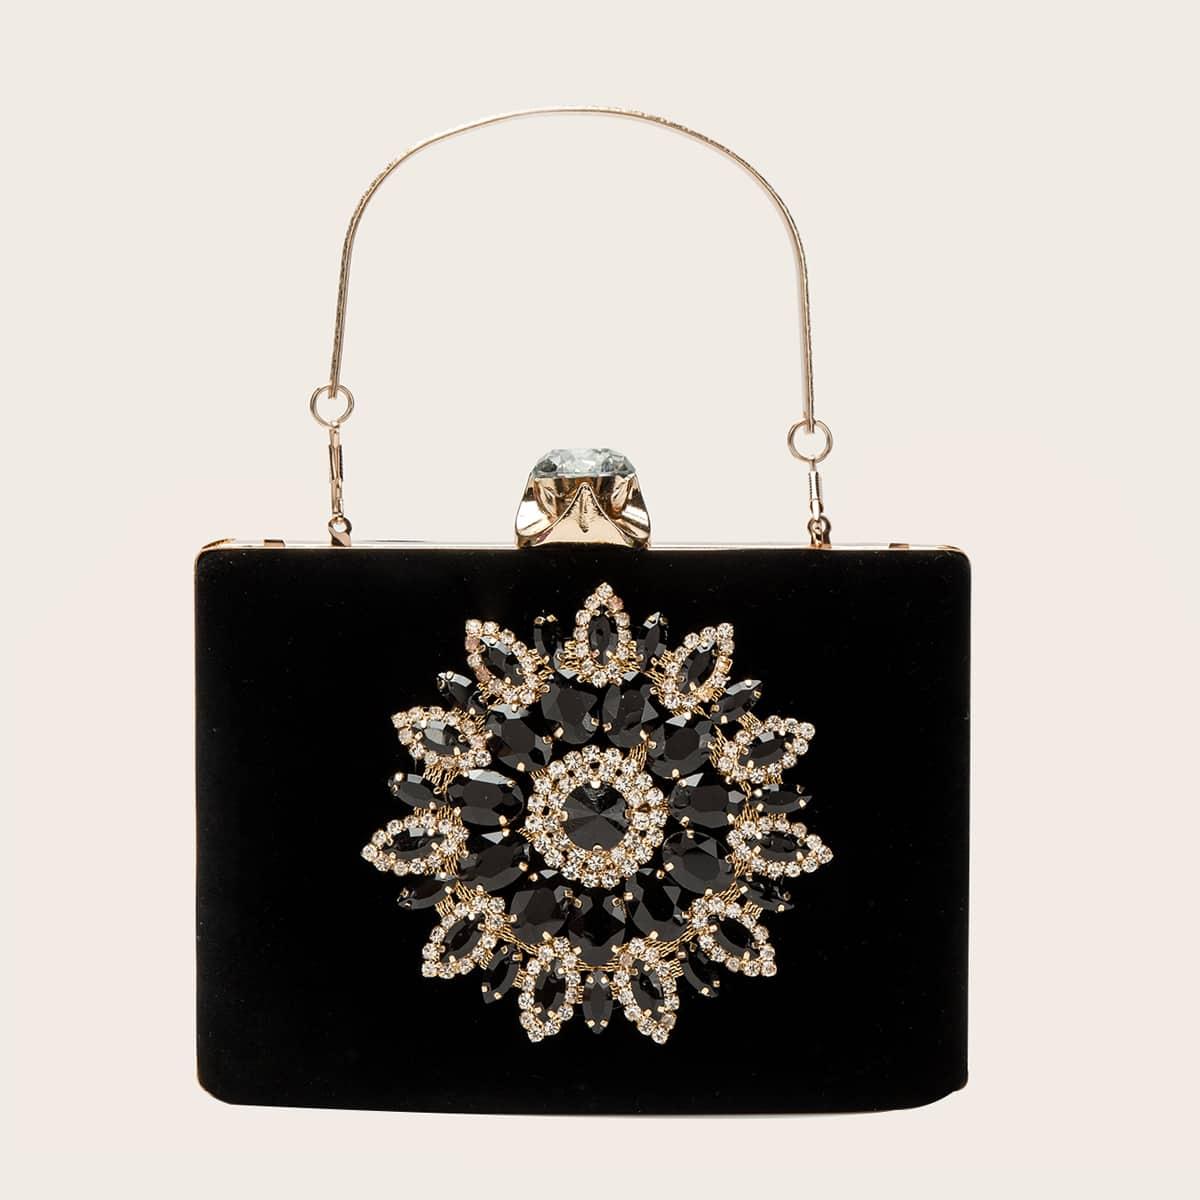 Сумка-клатч с цветочным декором из драгоценных камней